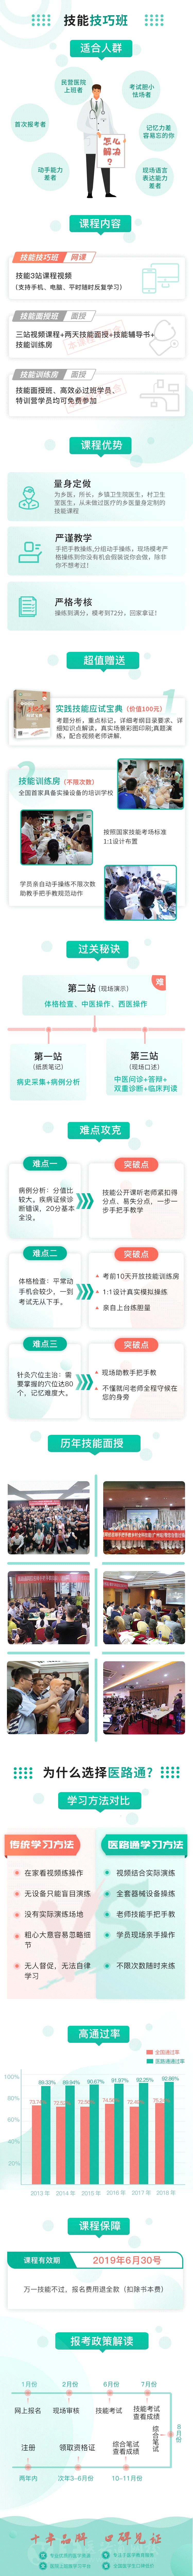 中医-技能技巧班.png